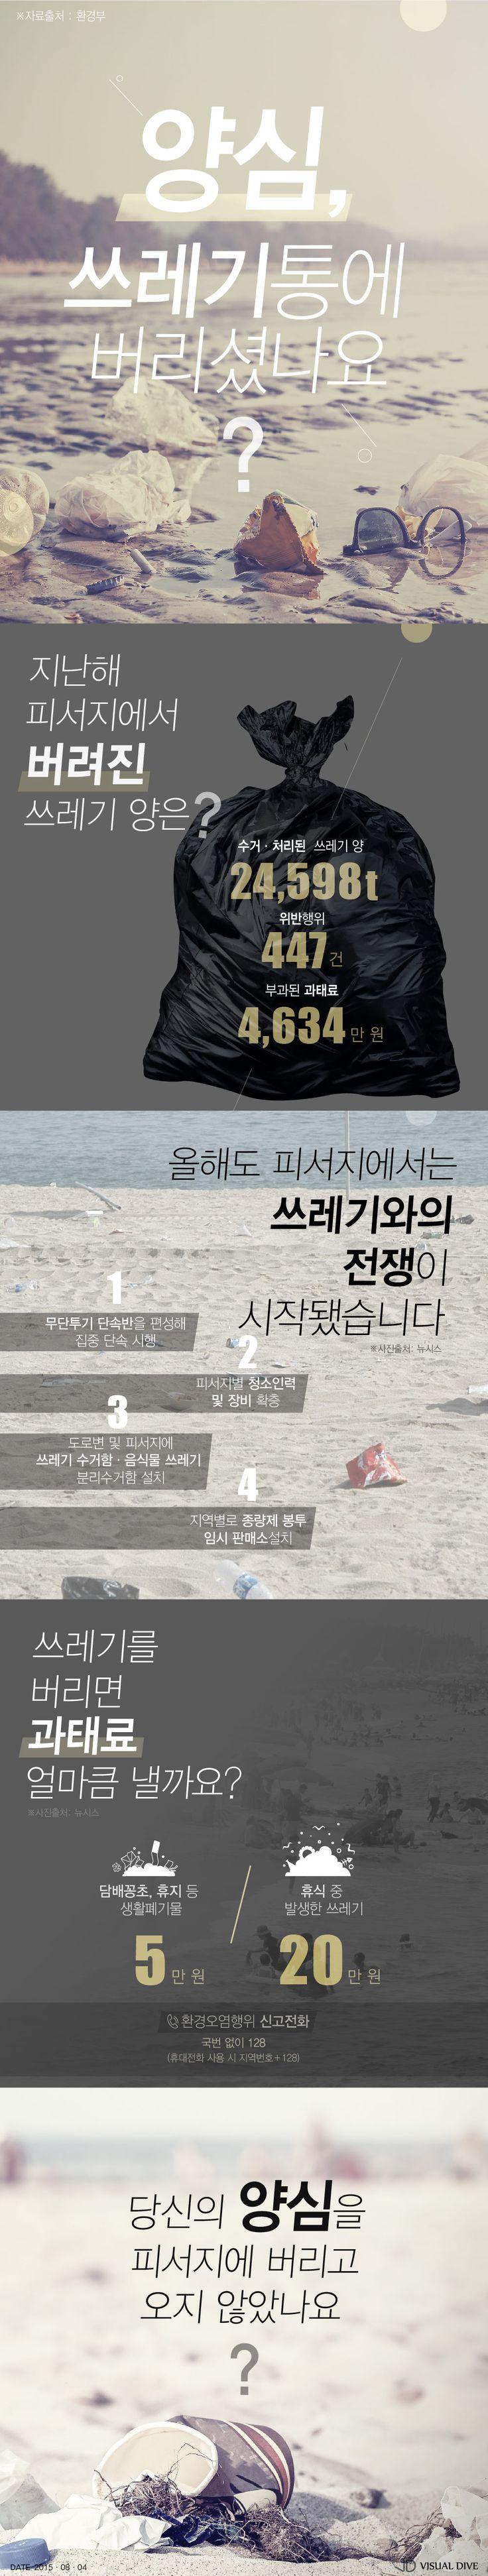 """피서지, 쓰레기로 '몸살'…""""양심은 쓰레기통에?"""" [인포그래픽] #Waste / #Infographic ⓒ 비주얼다이브 무단 복사·전재·재배포 금지"""